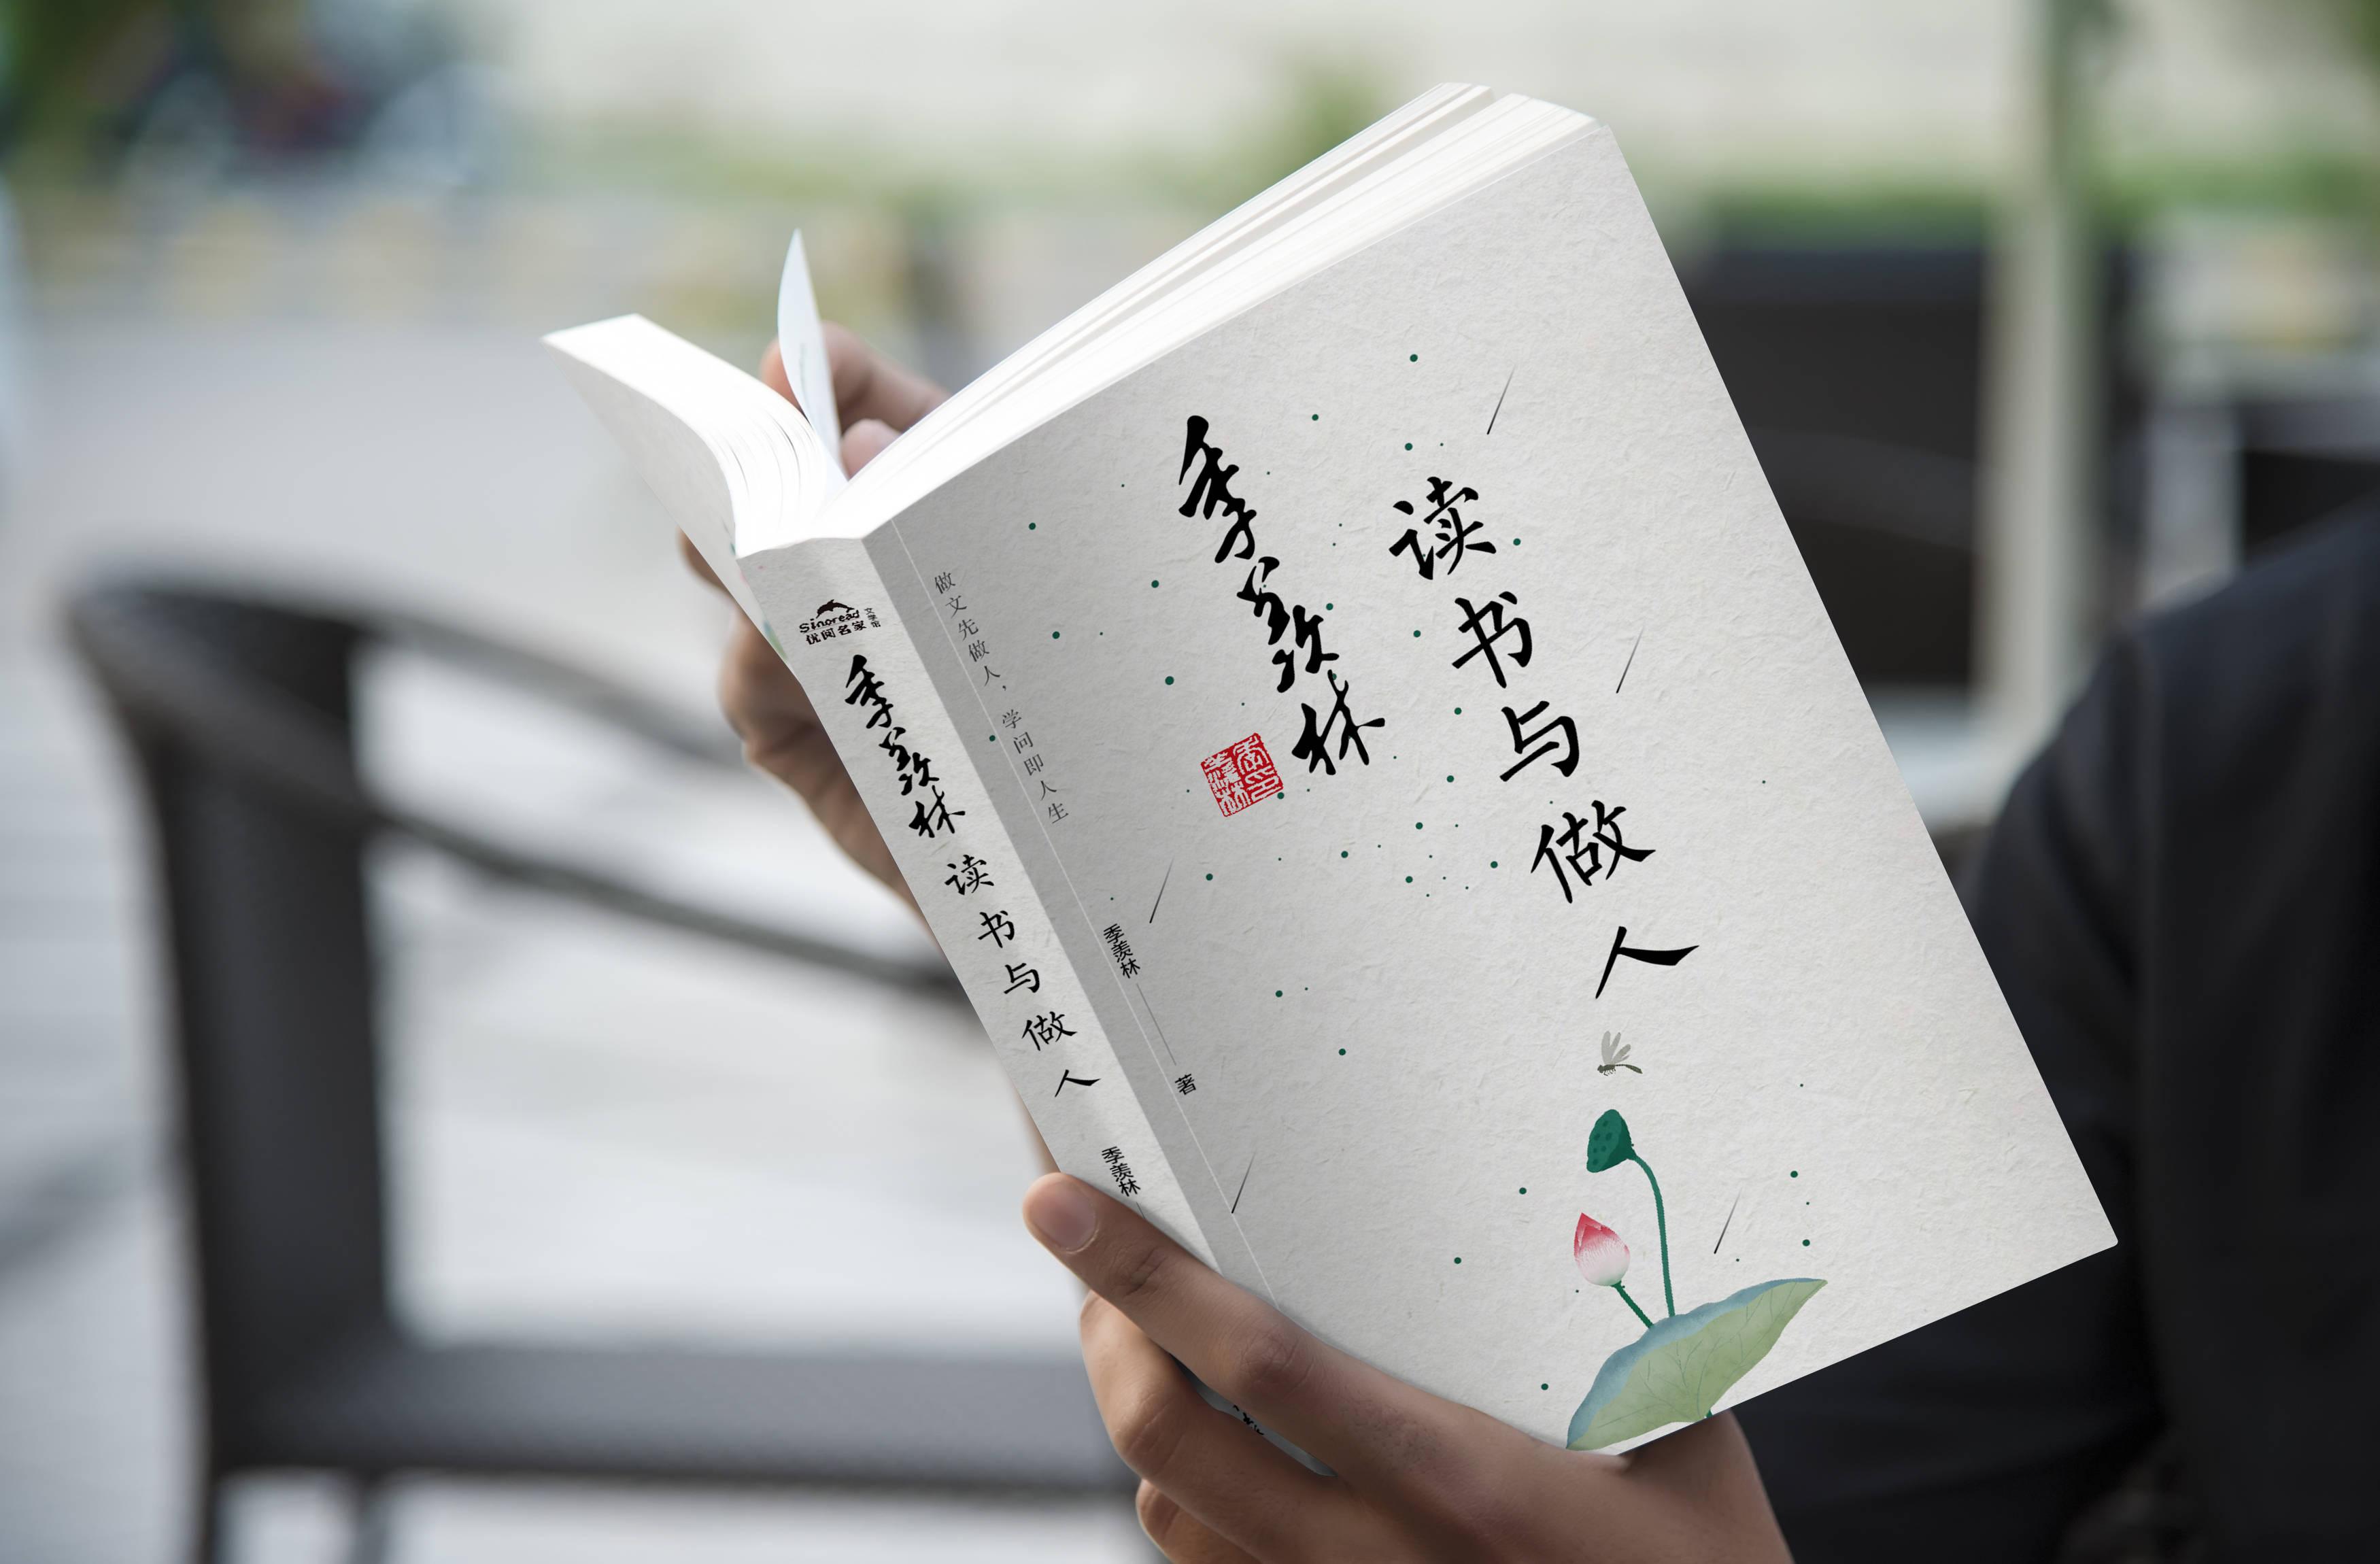 季羡林:要学做人,先得要读书